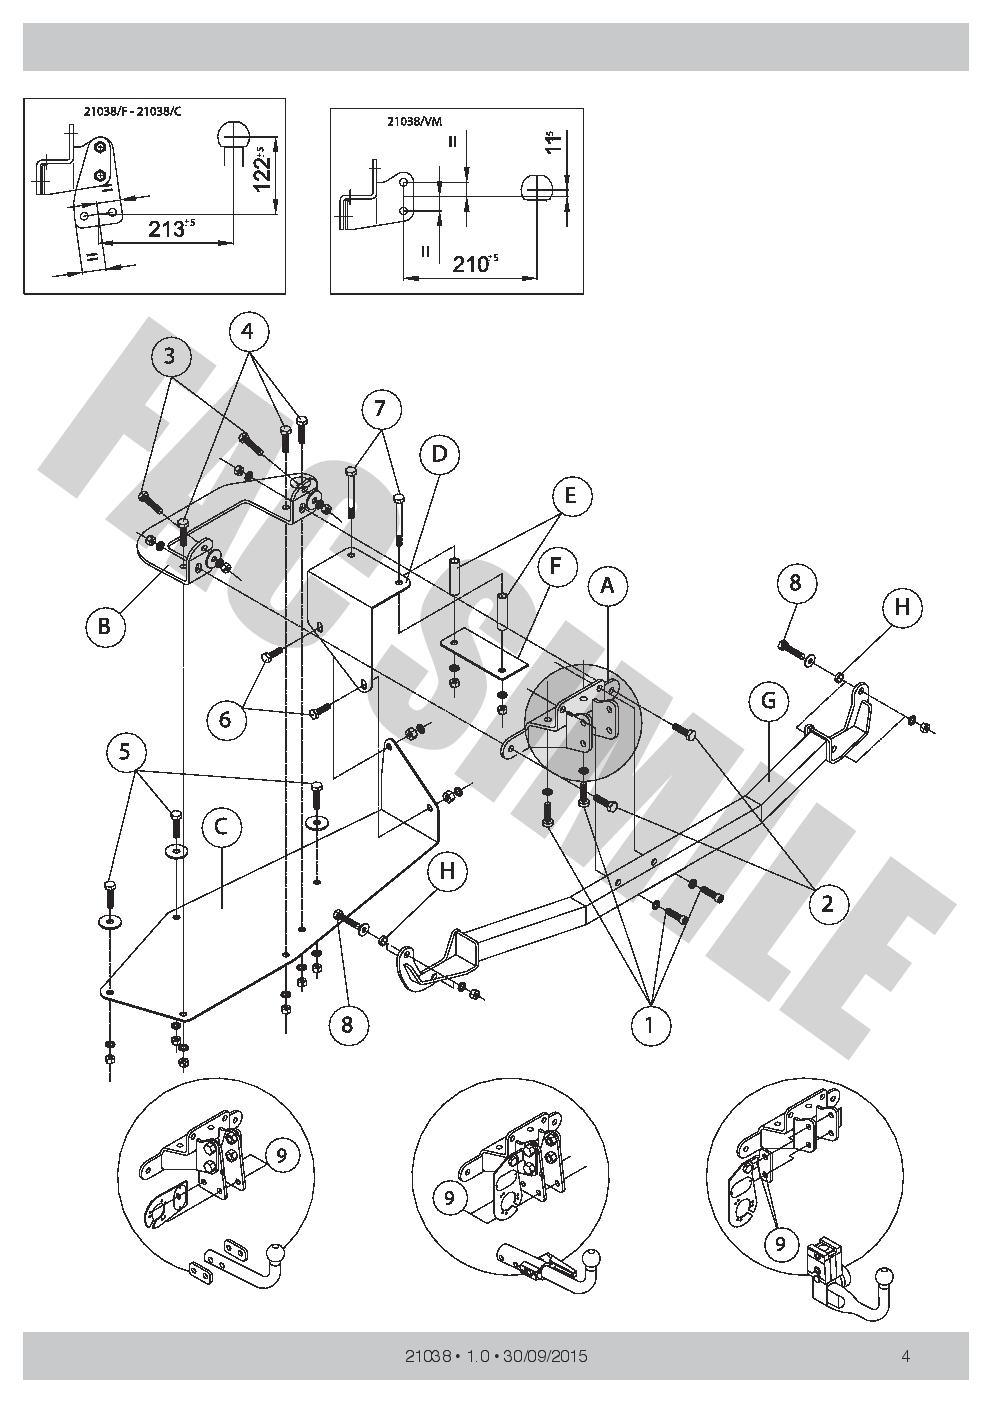 Vertical Towbar 13pin C2 Wiring Kit For Lancia Thesis Saloon 02 08 13 Pin Diagram